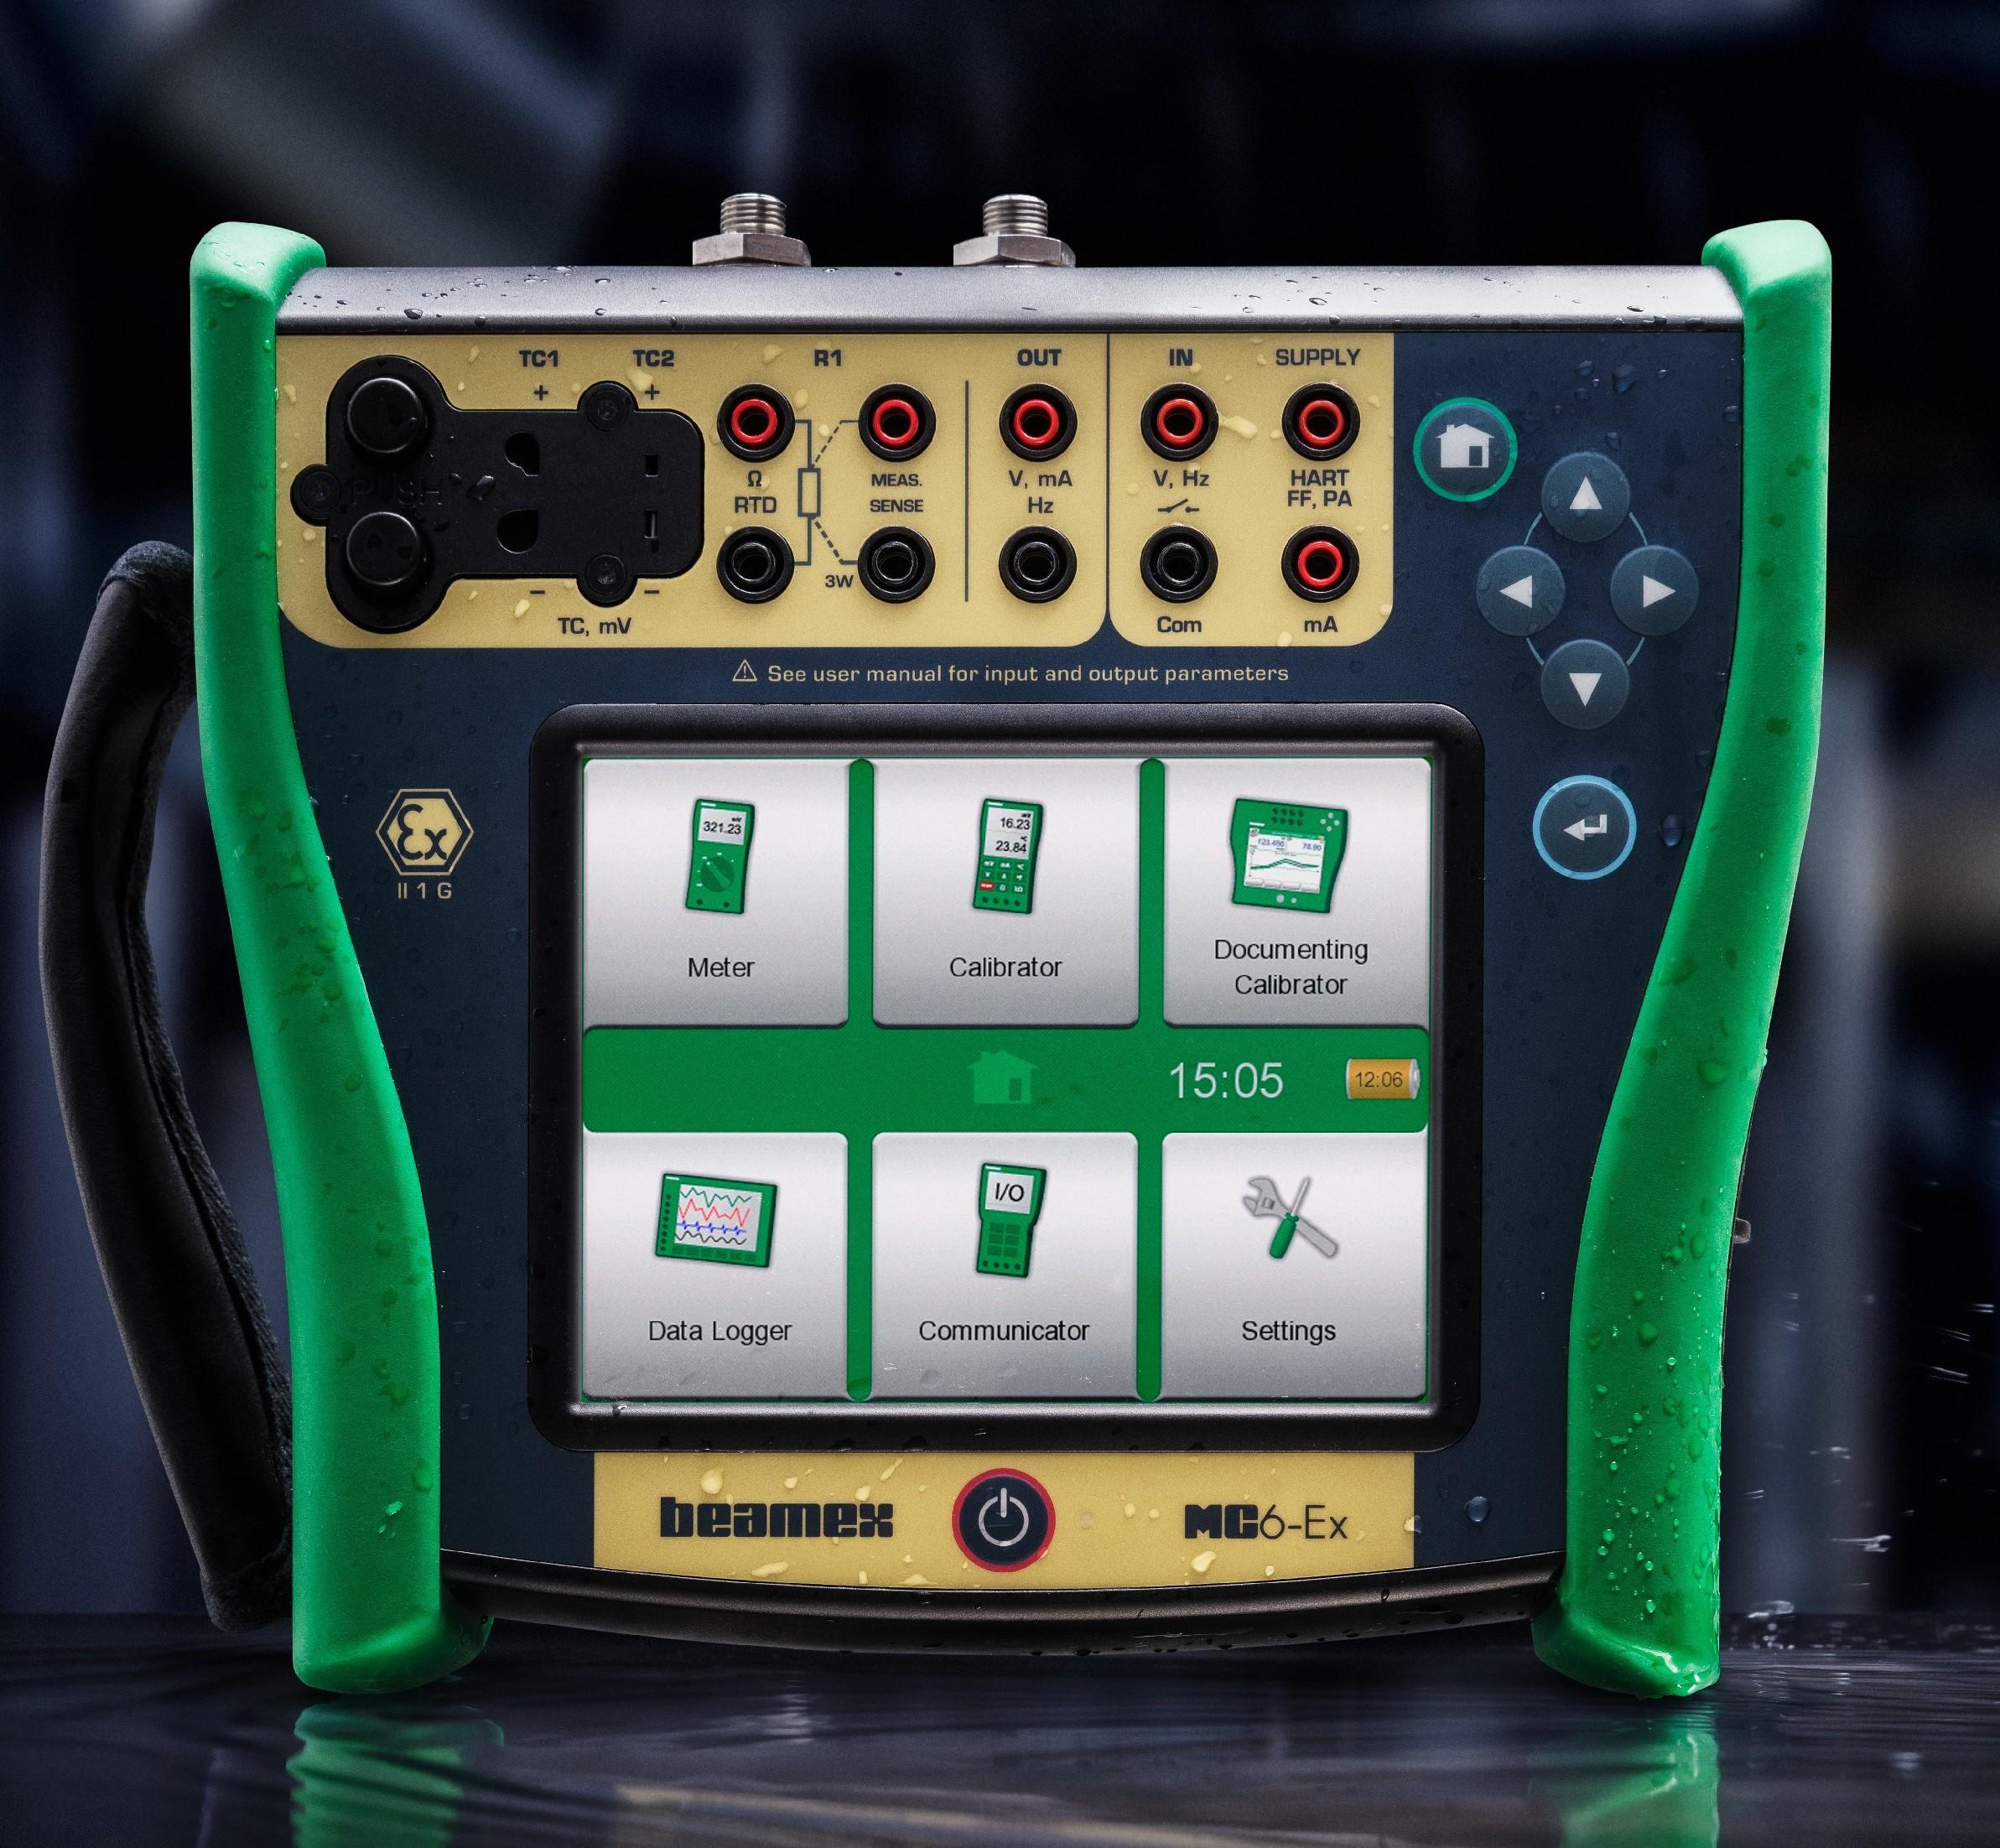 MC6-Ex Intrinsically Safe Calibrator